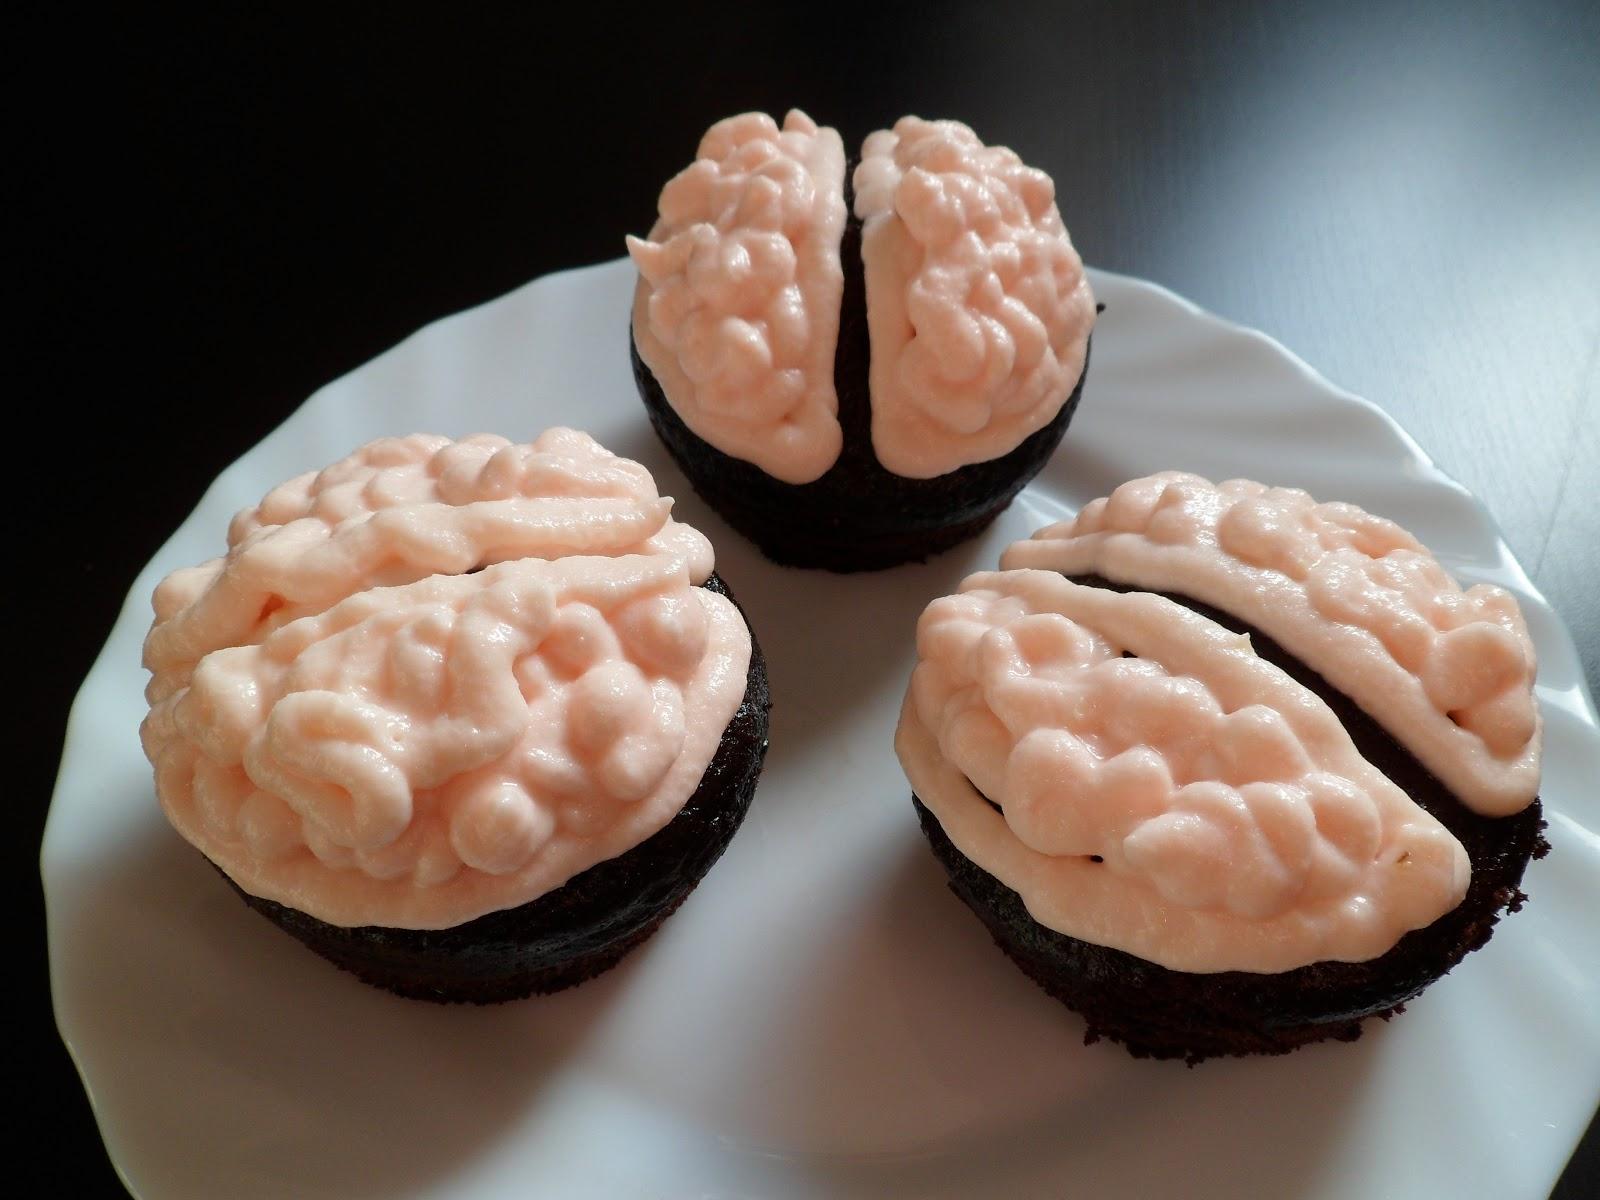 Beeindruckend Halloween Cupcakes Rezepte Sammlung Von Diese Scheinen St Zu Haben, Welcher Tag